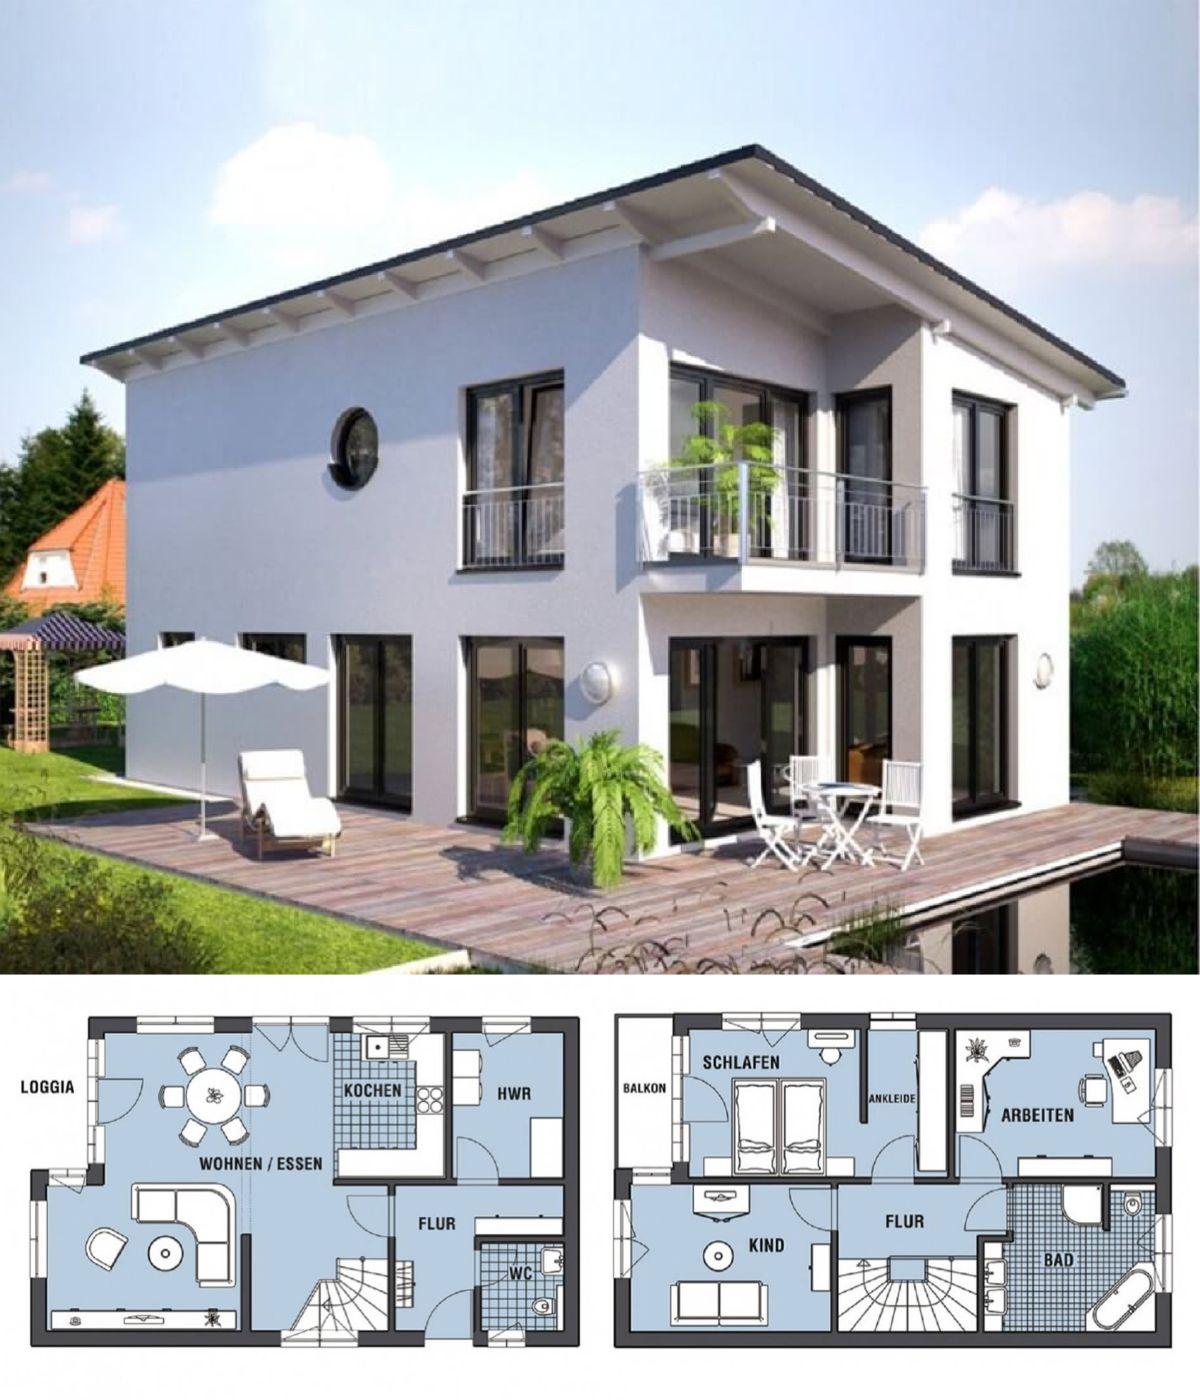 Einfamilienhaus neubau modern mit pultdach architektur loggia hausbau ideen grundriss - Architektur einfamilienhaus modern ...